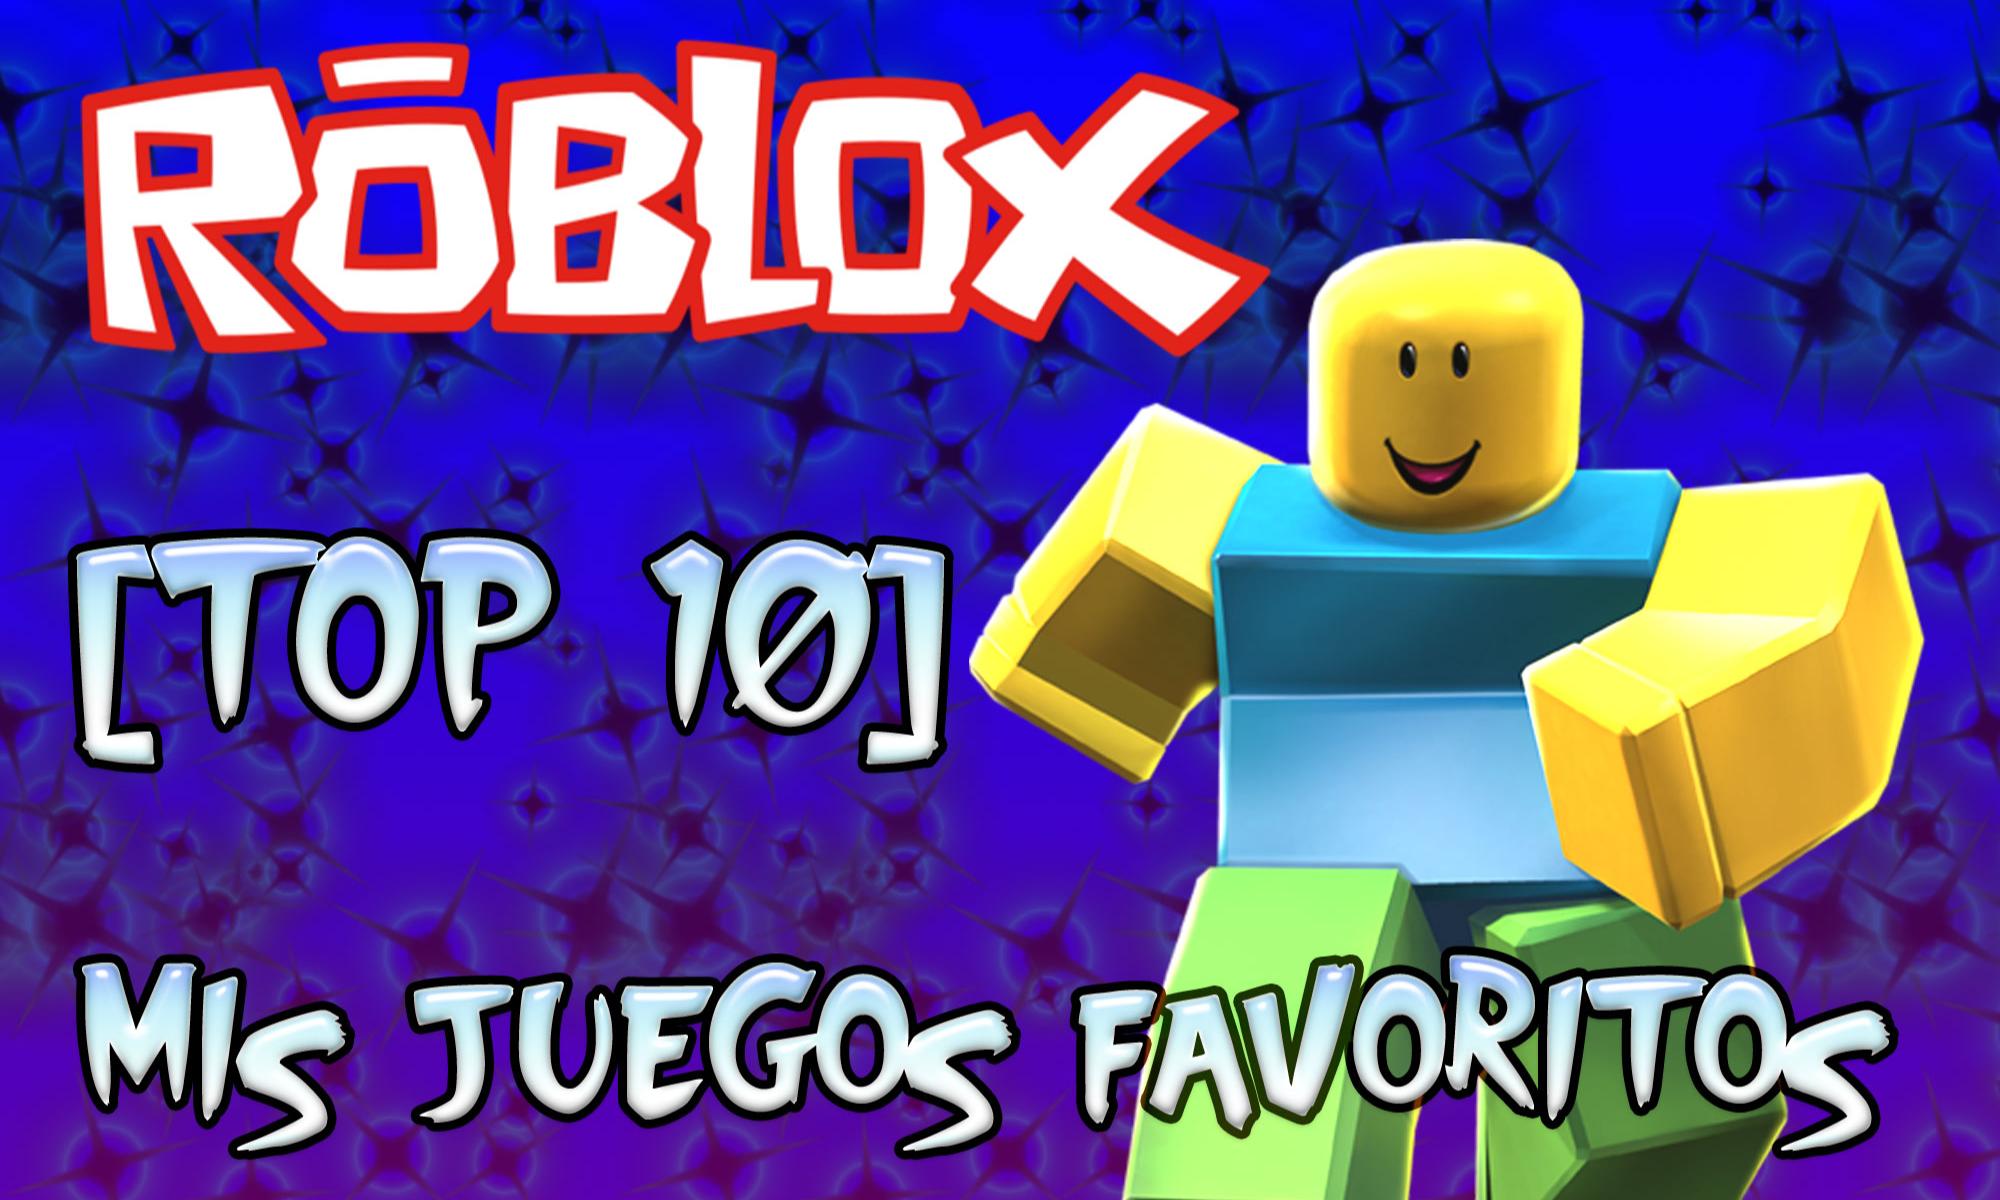 Top 10 Mis Juegos Favoritos De Roblox Gamehag